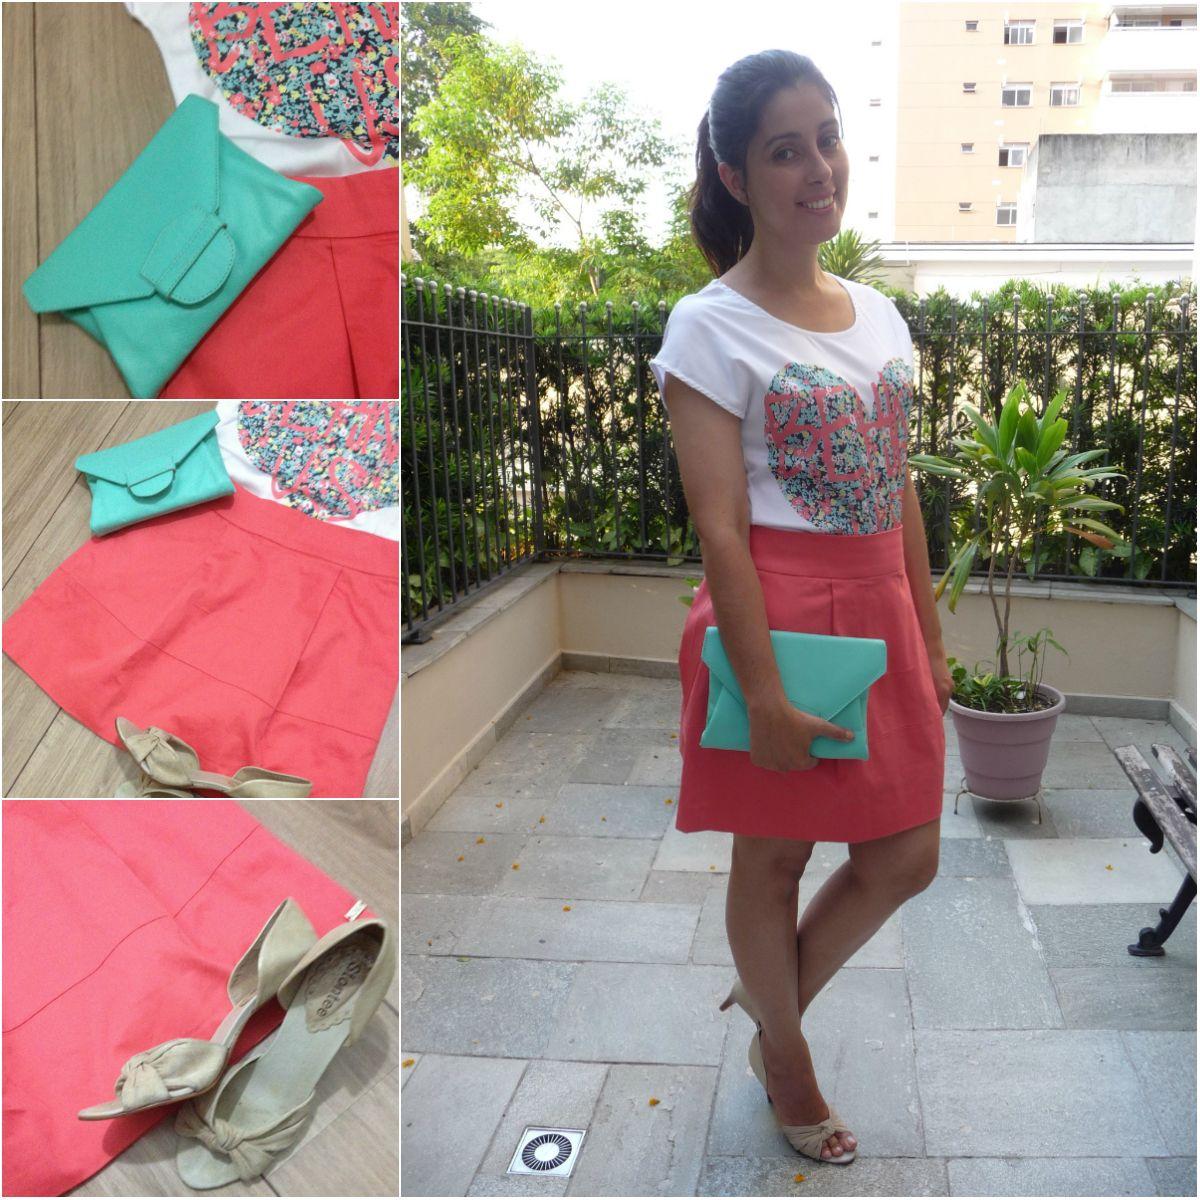 Mint clutch, skirt and blouse. Clutch menta, saia e bllusa com estampa de coração. Link: http://www.elropero.com/2013/12/fashion-set-clutch-menta.html